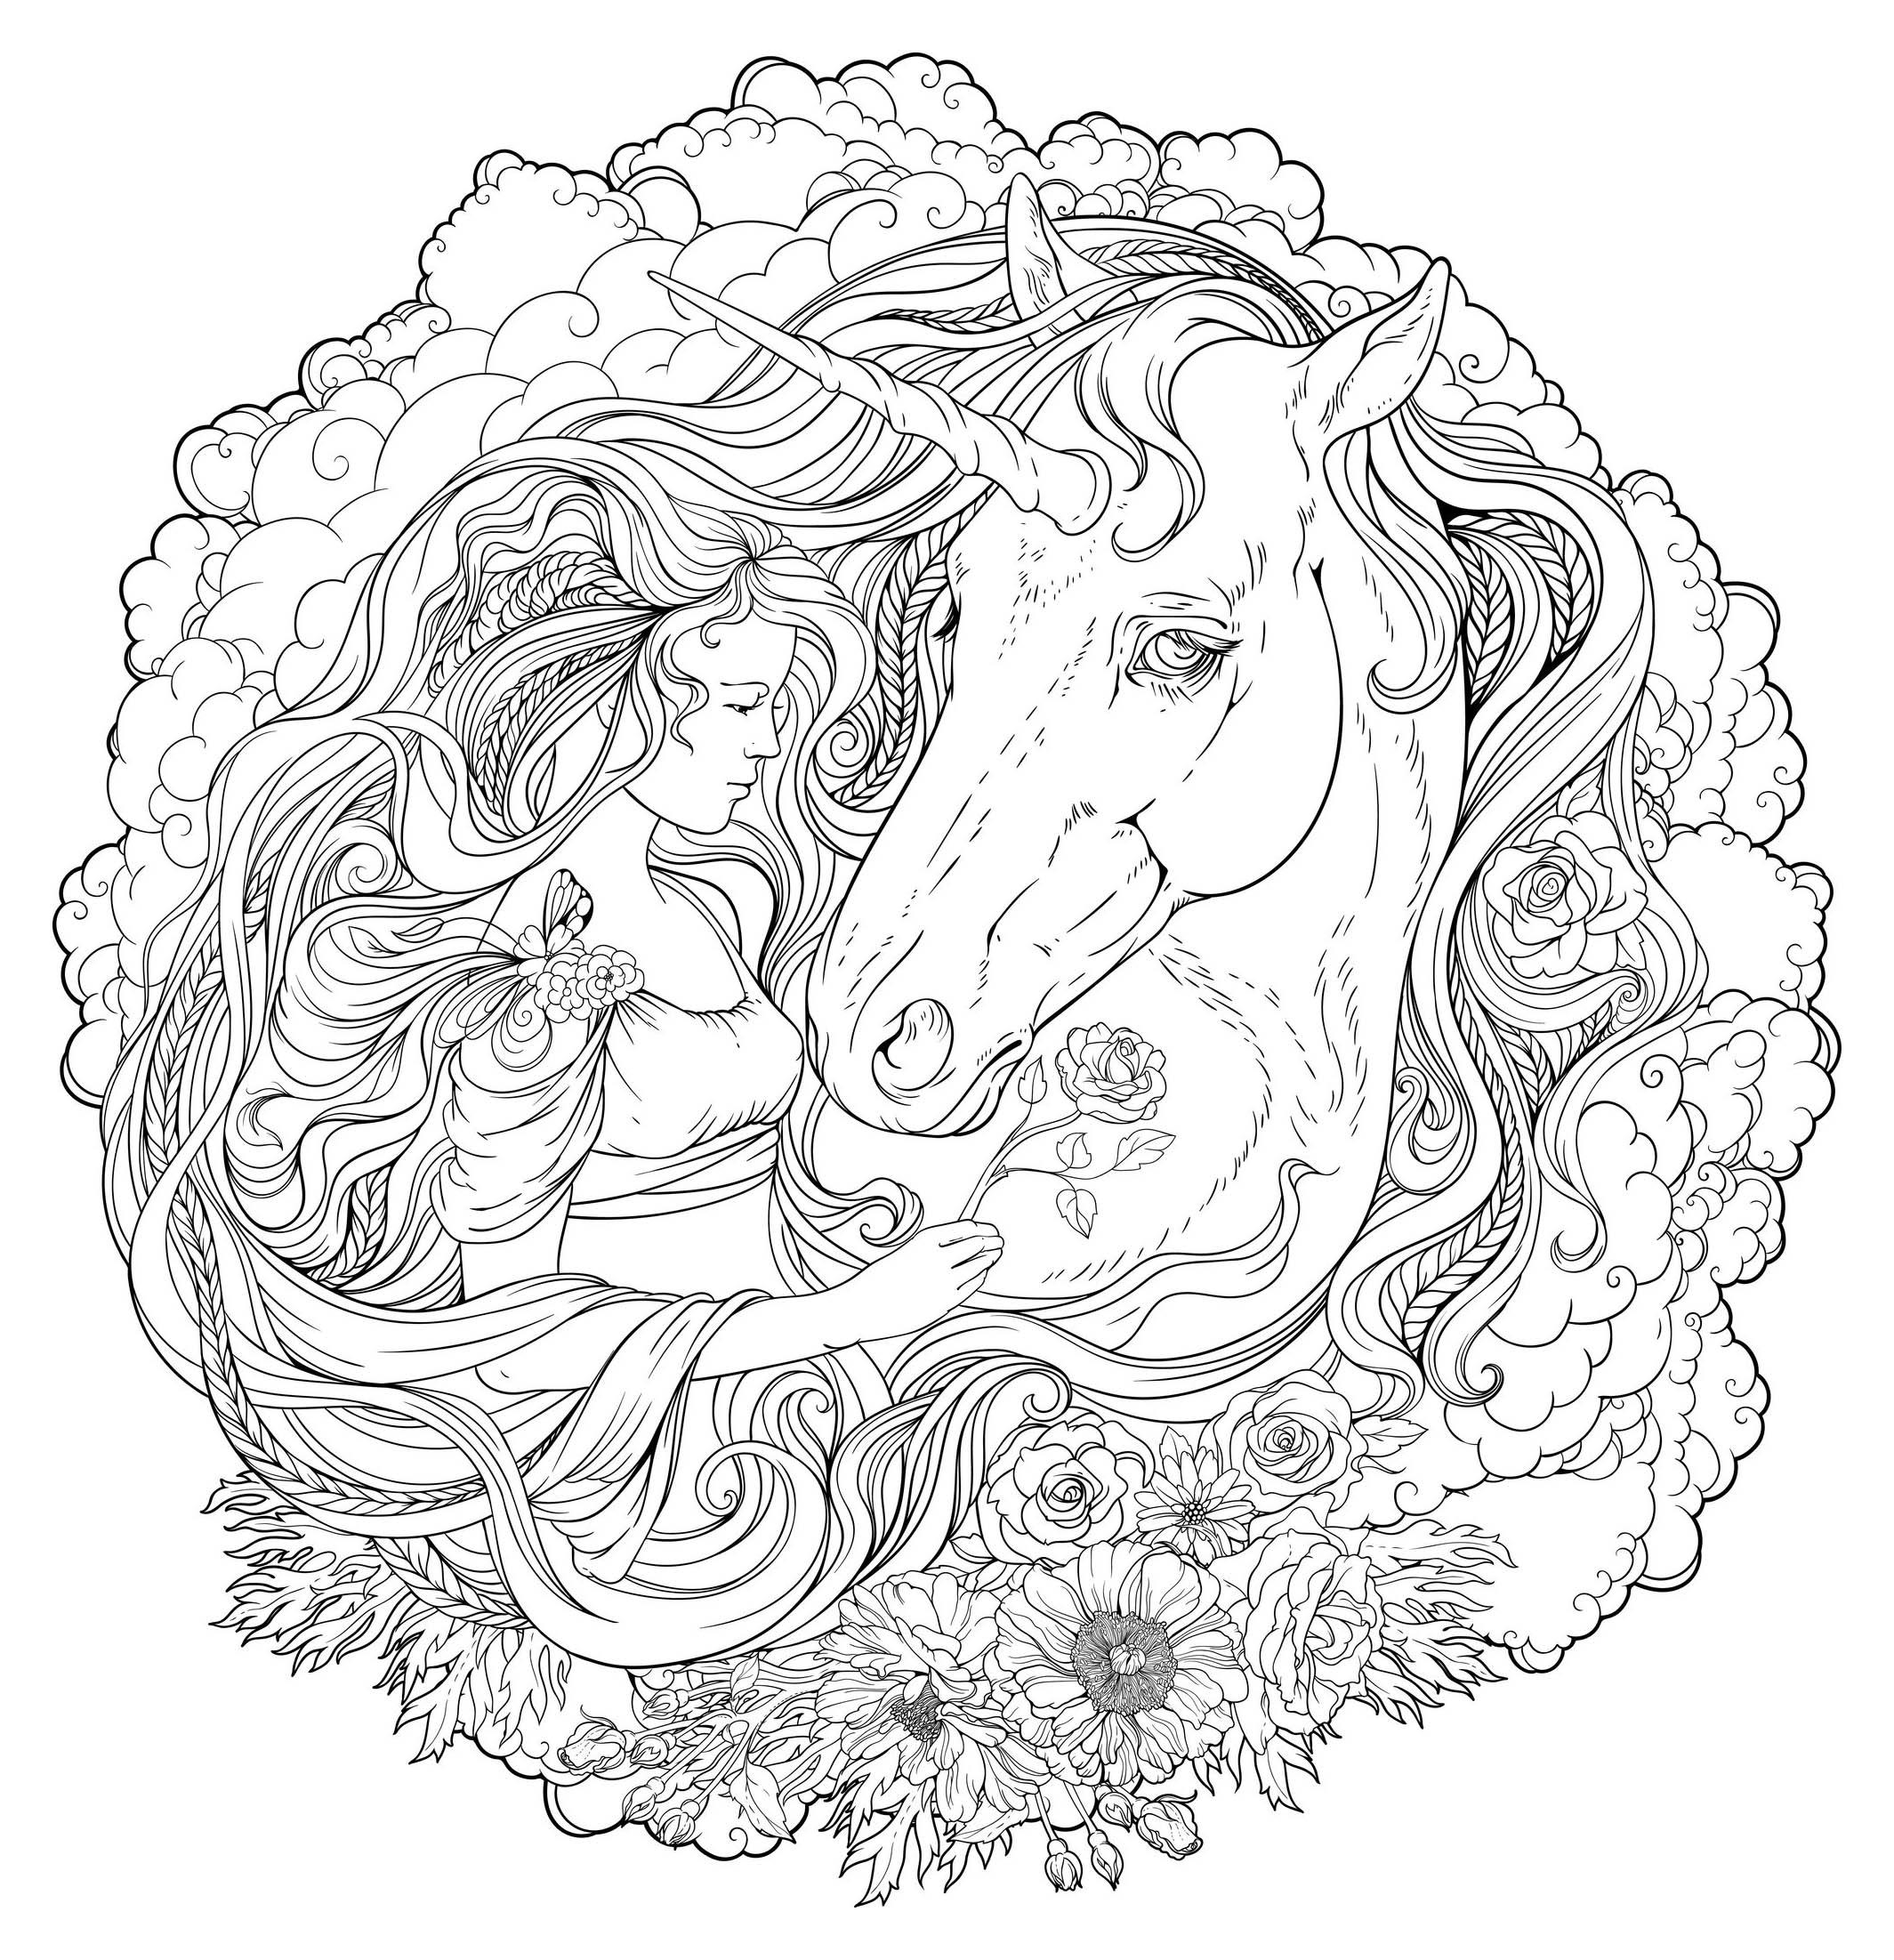 Licorne et fille dans les nuages licornes coloriages - Dessin en relief a imprimer ...